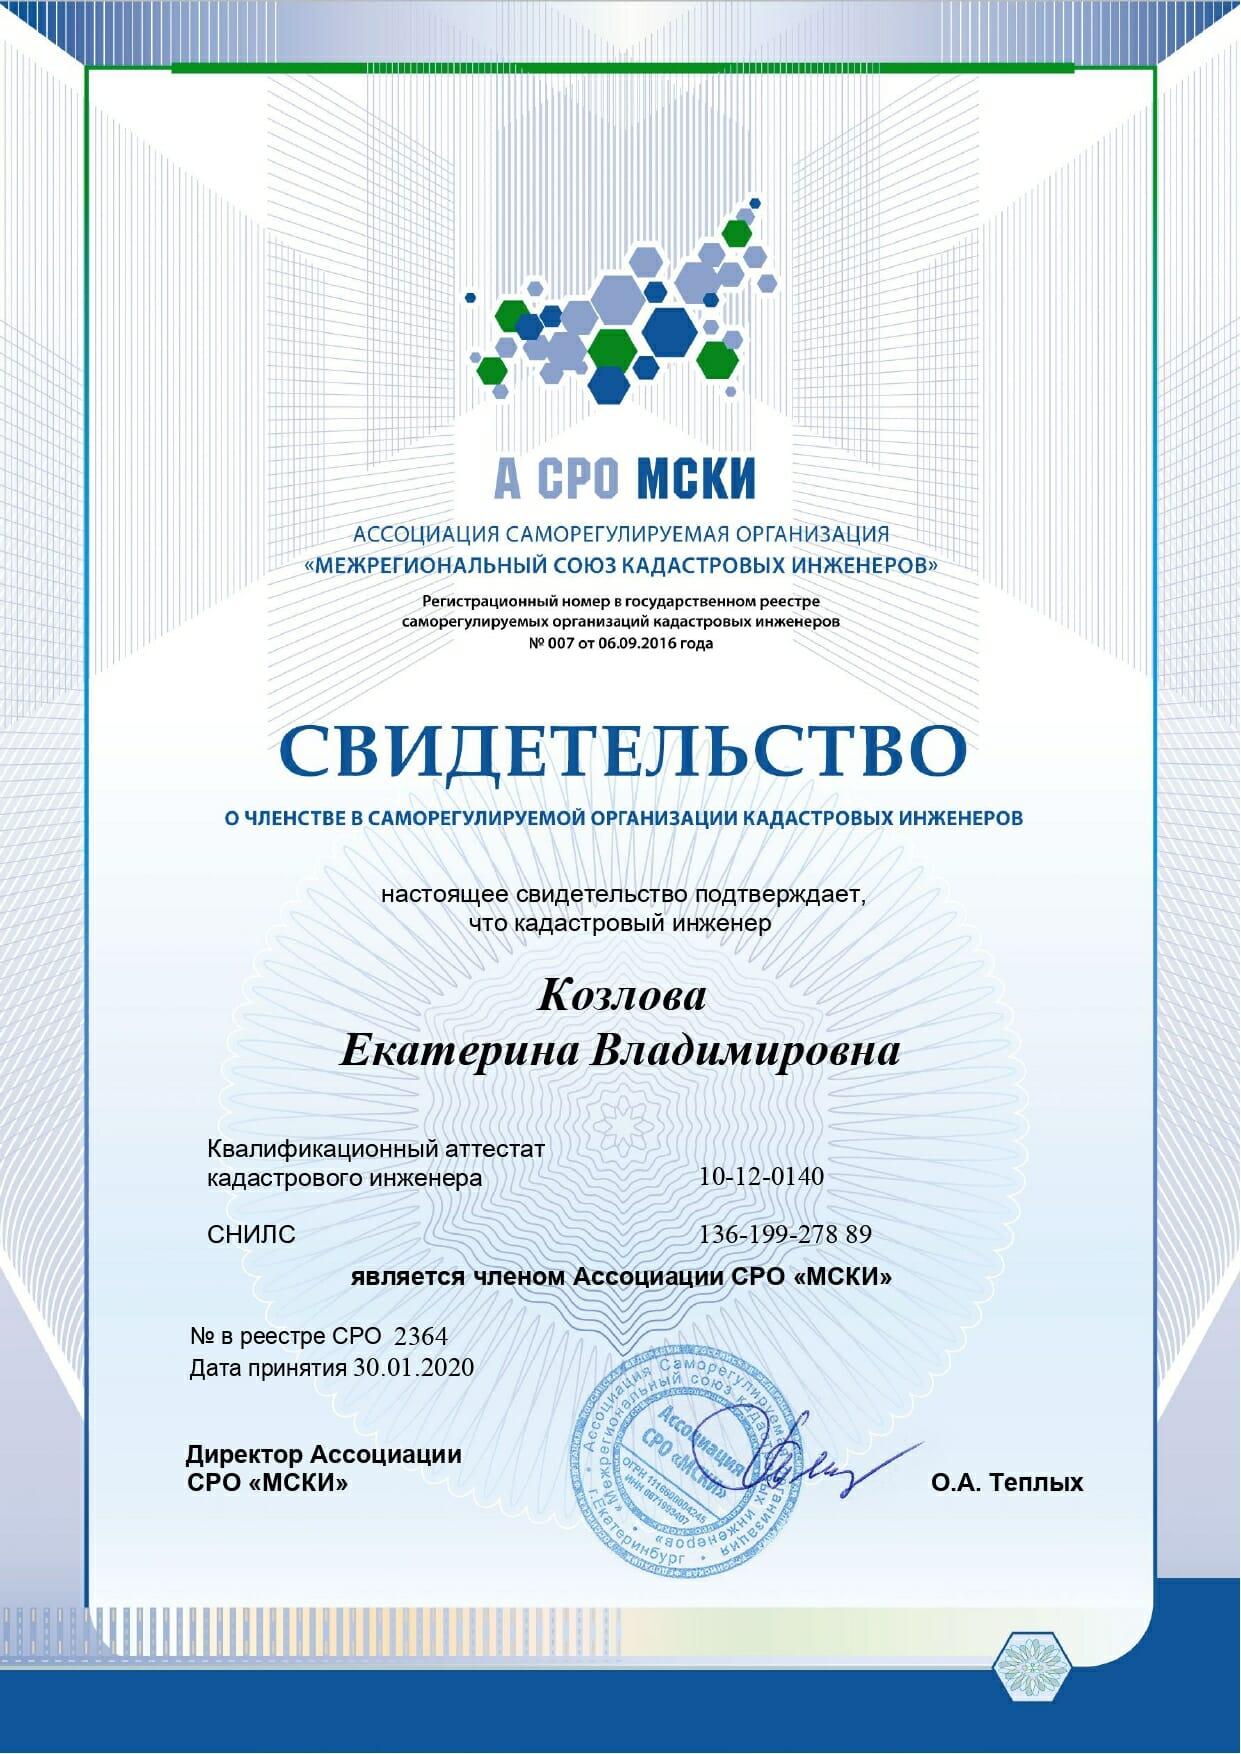 Свидетельство кадастрового инженера Карелгеоком Козлова Е. В.